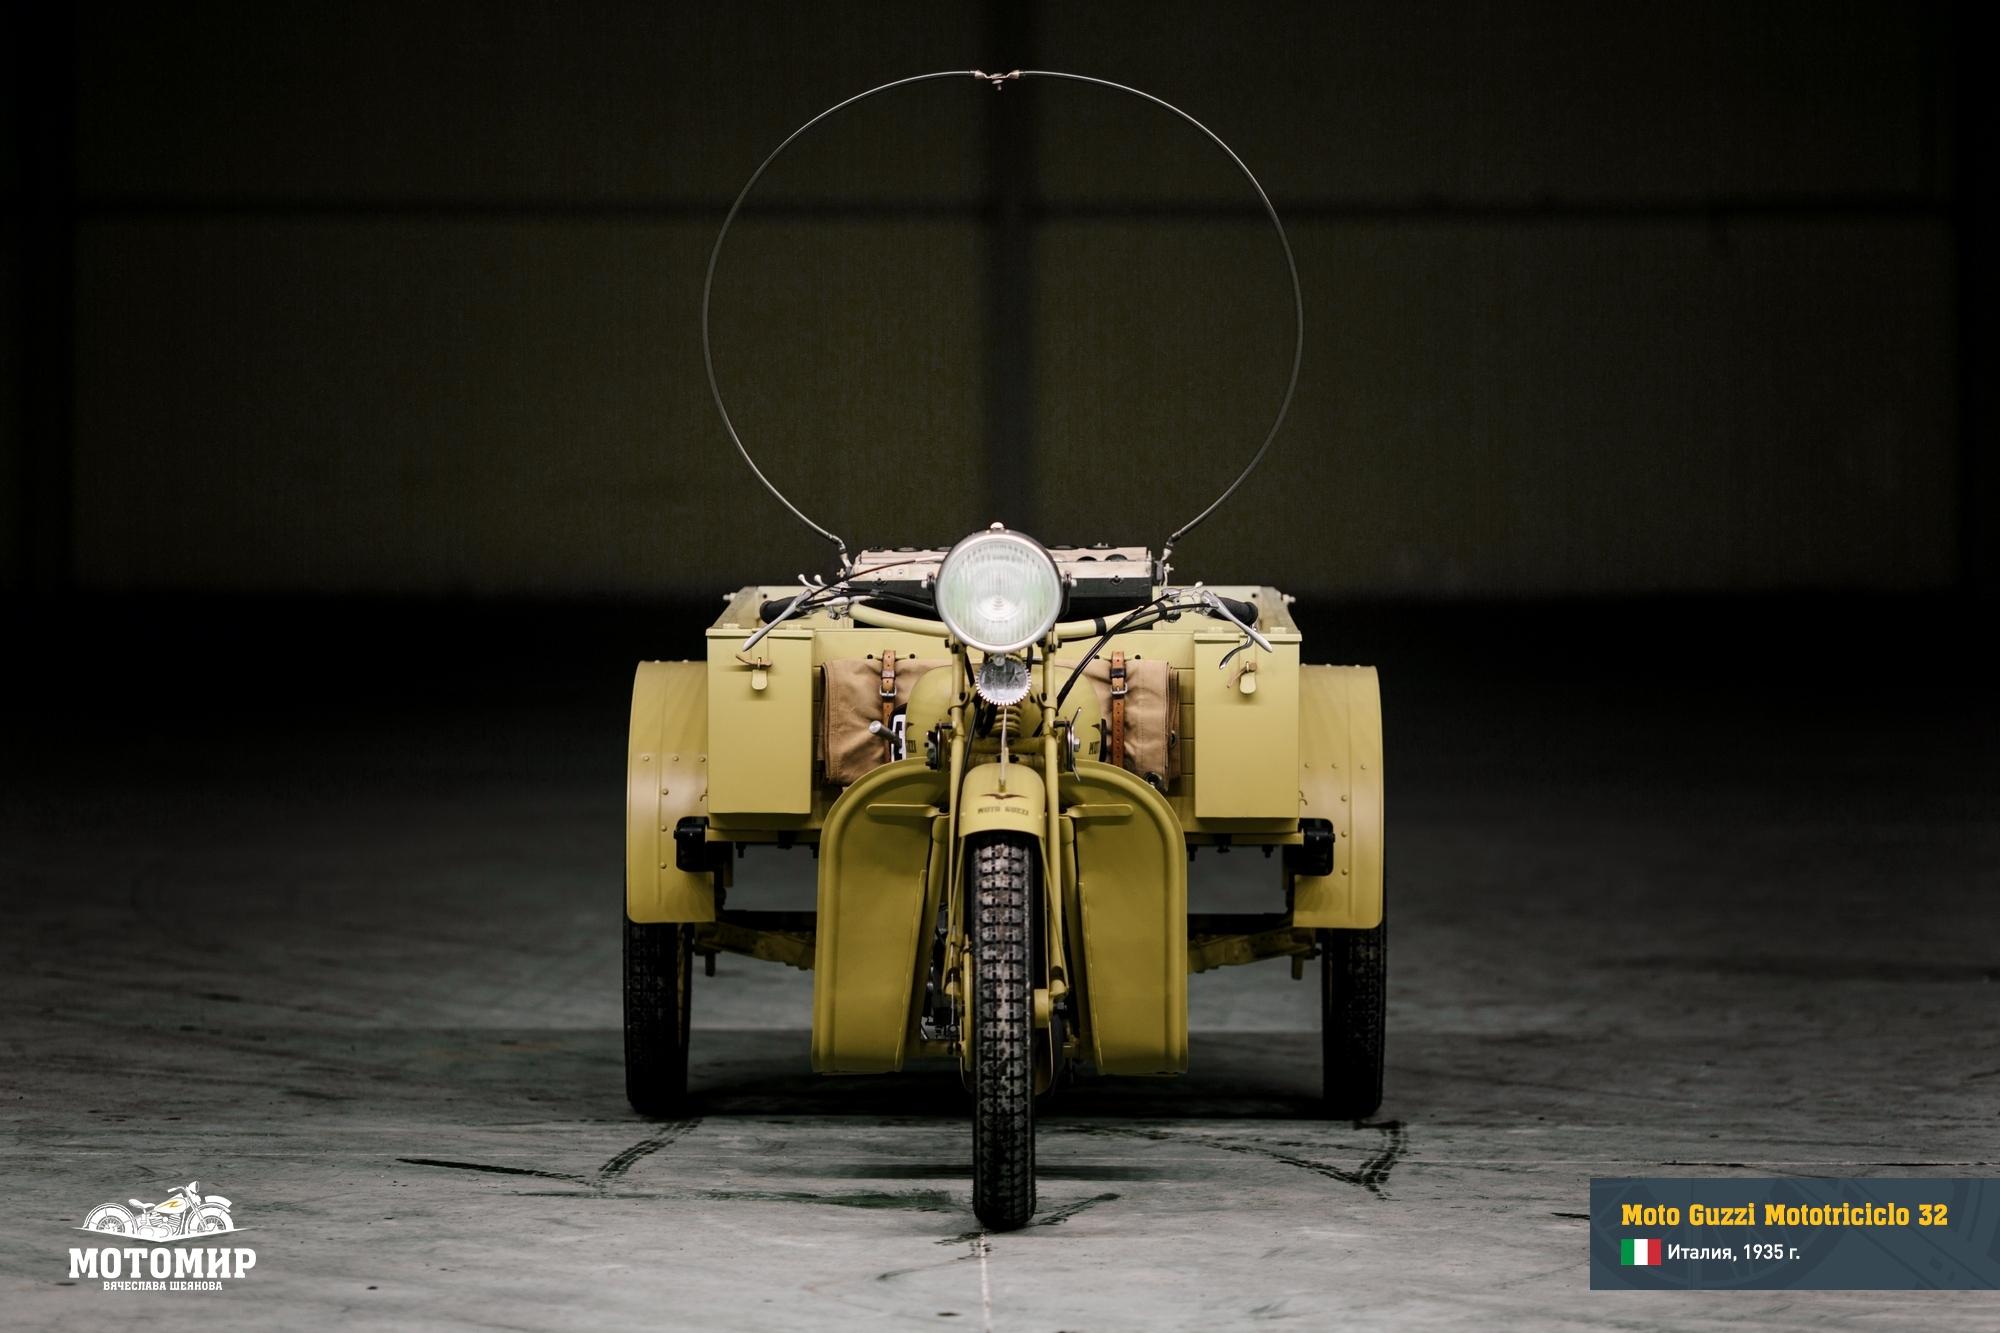 moto-guzzi-mototriciclo-32-web-03